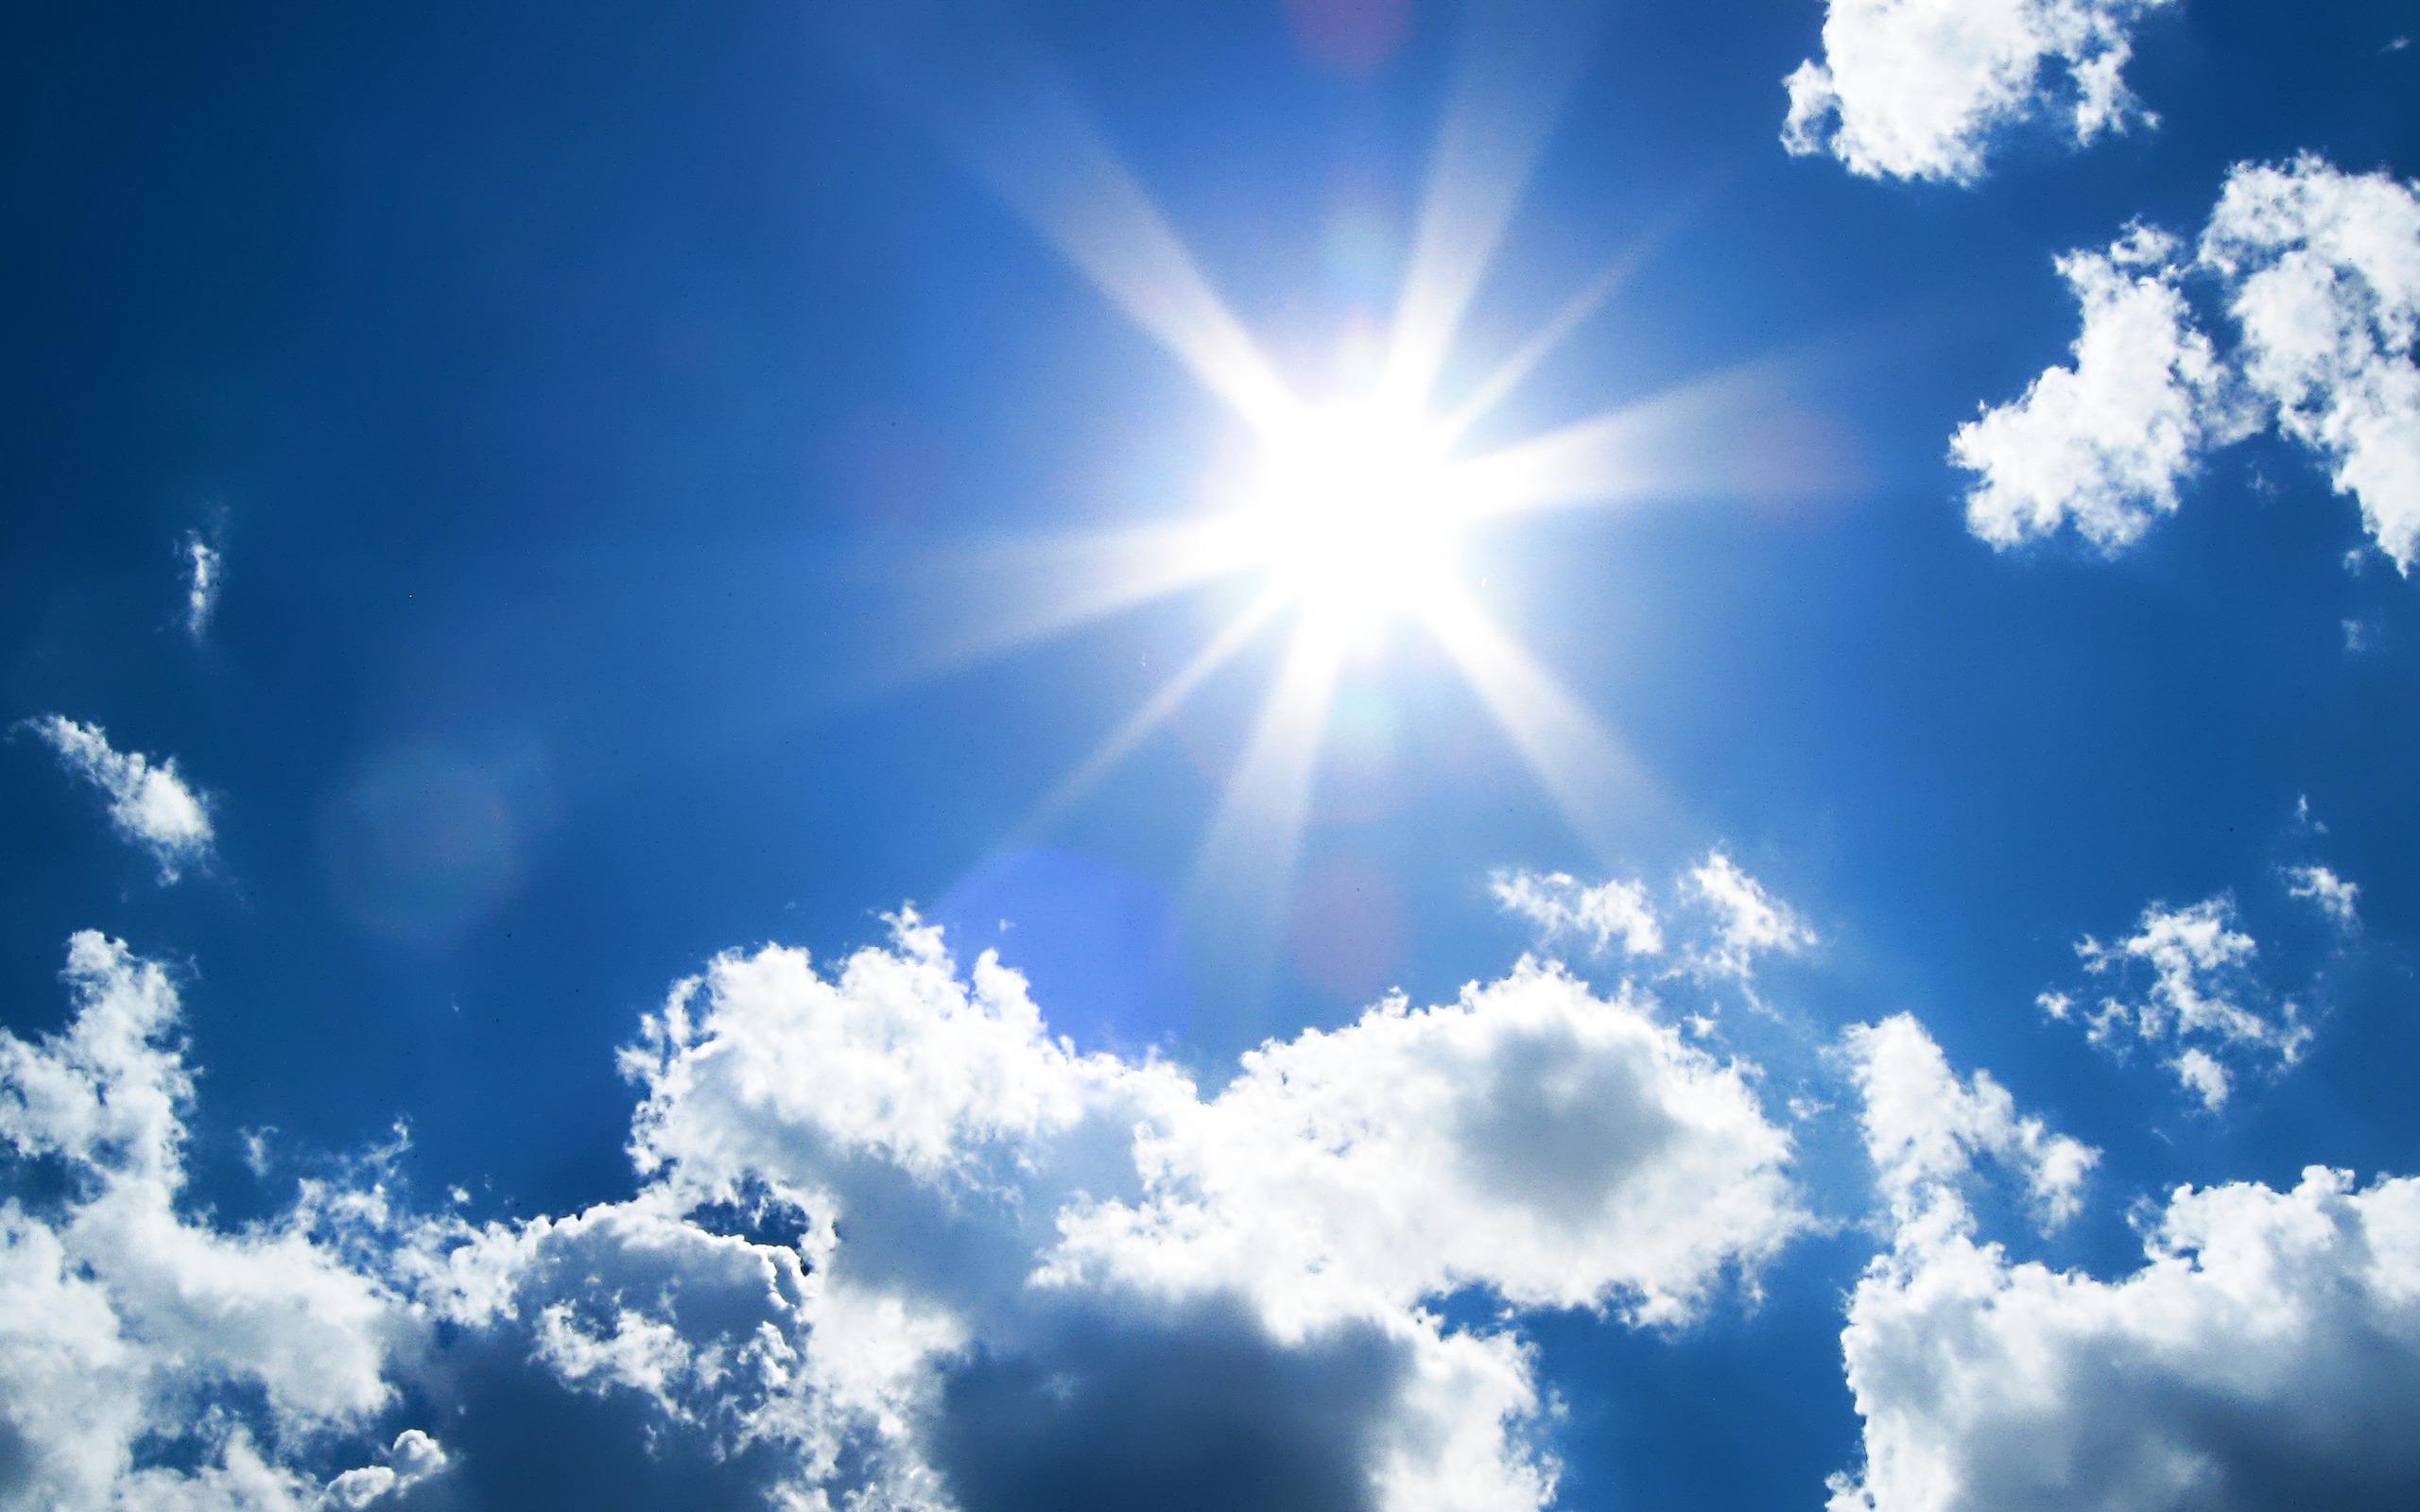 Прогноз погоды на 17 июля: жара и ветер ожидаются на большей части территории Казахстана